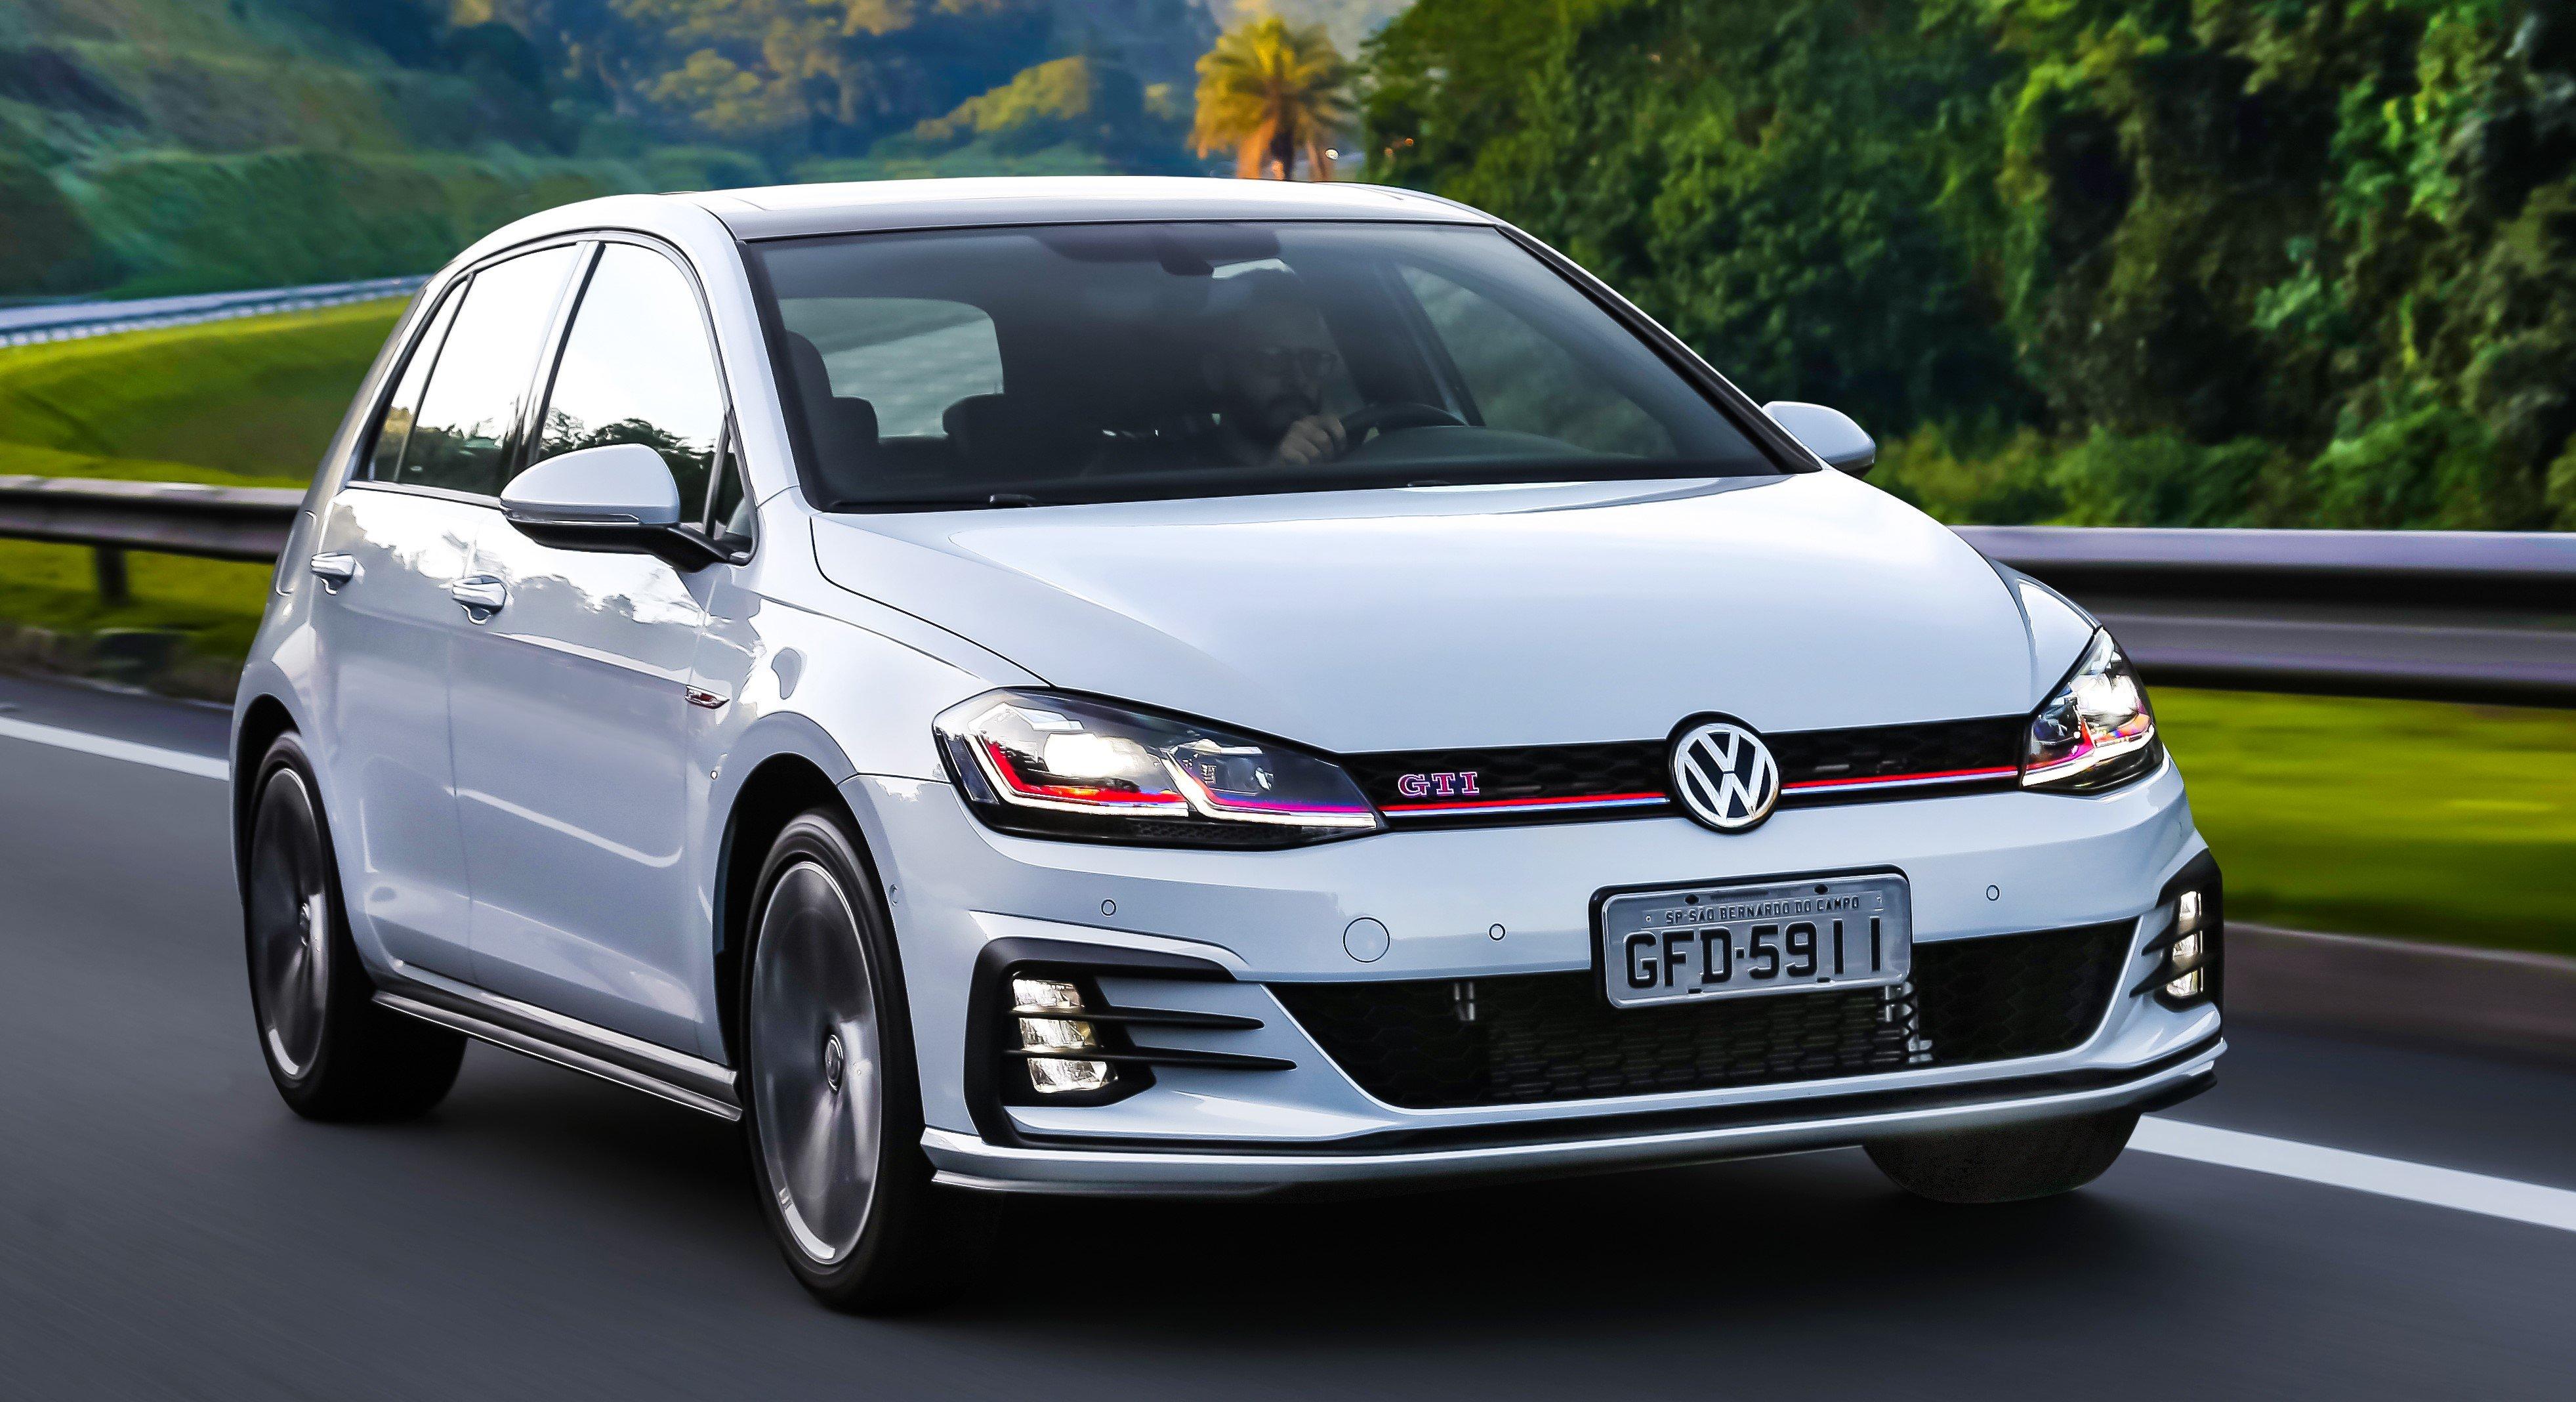 Volkswagen Golf GTI chega às concessionárias renovado e ainda mais potente, com 230 cavalos